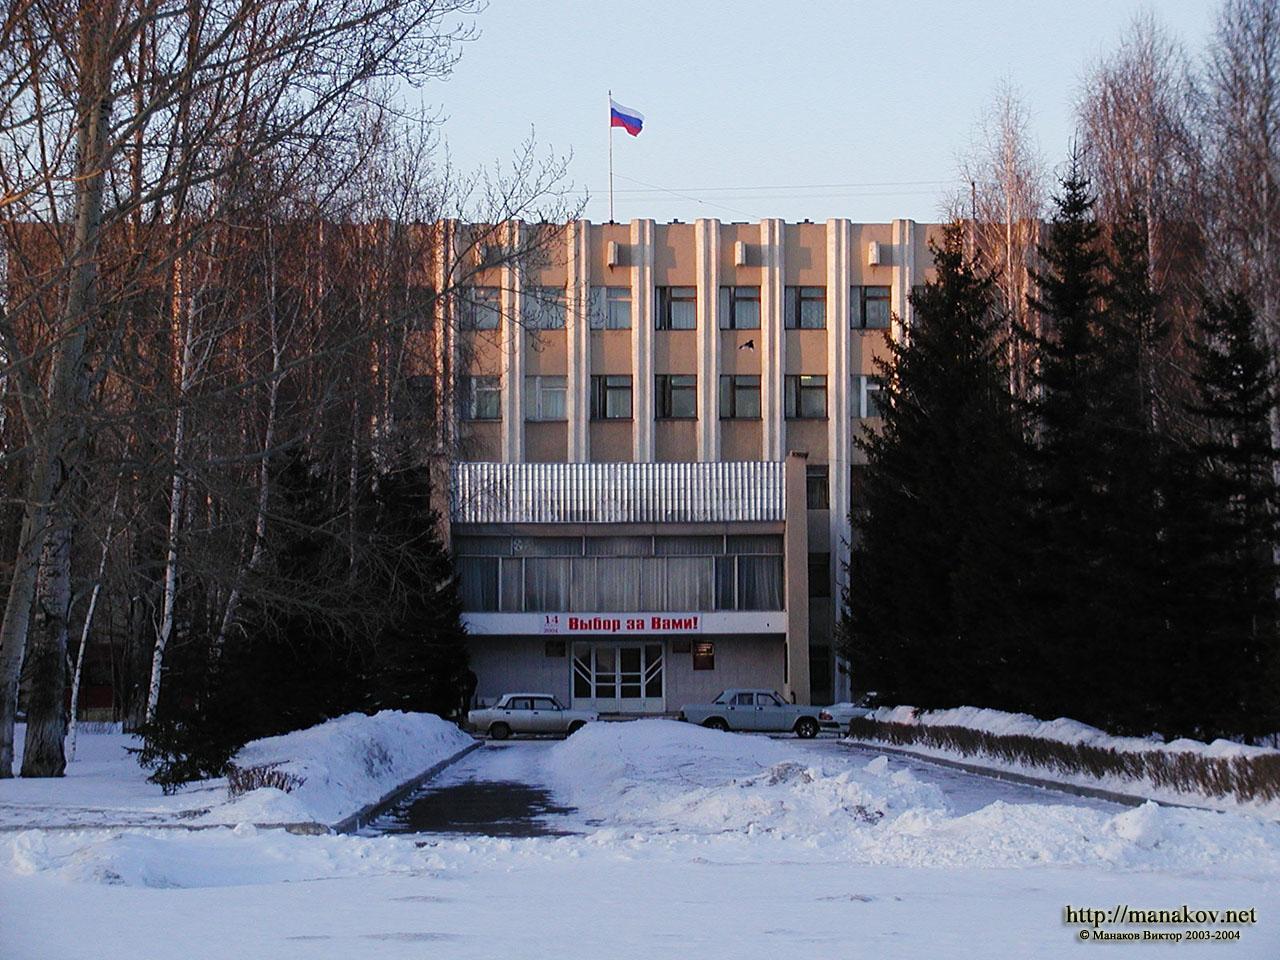 Котельниковская городская поликлиника котельники московская обл